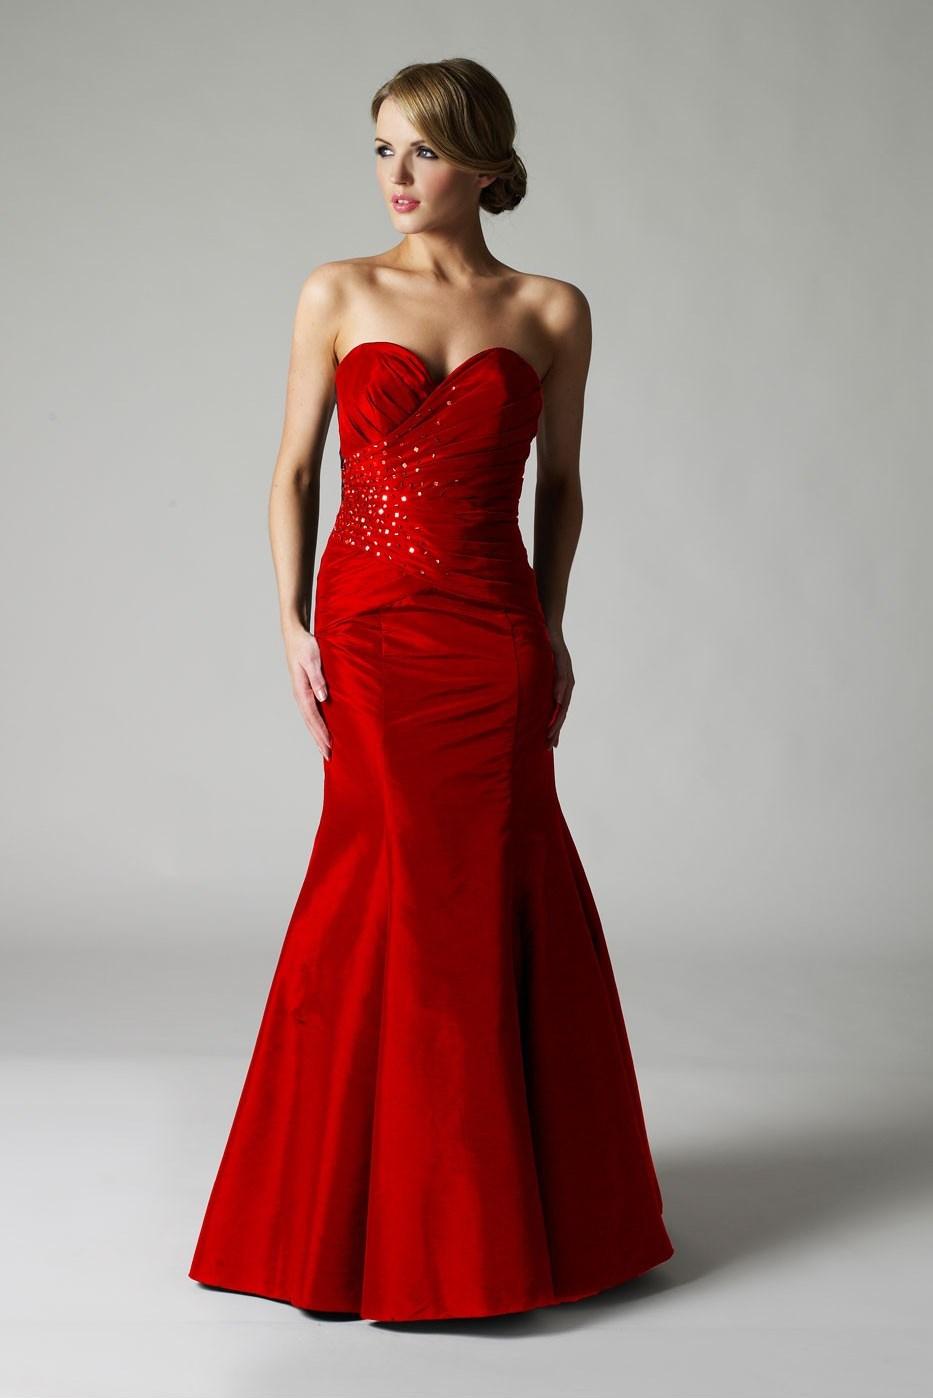 Фото красивых вечерних красных платьев